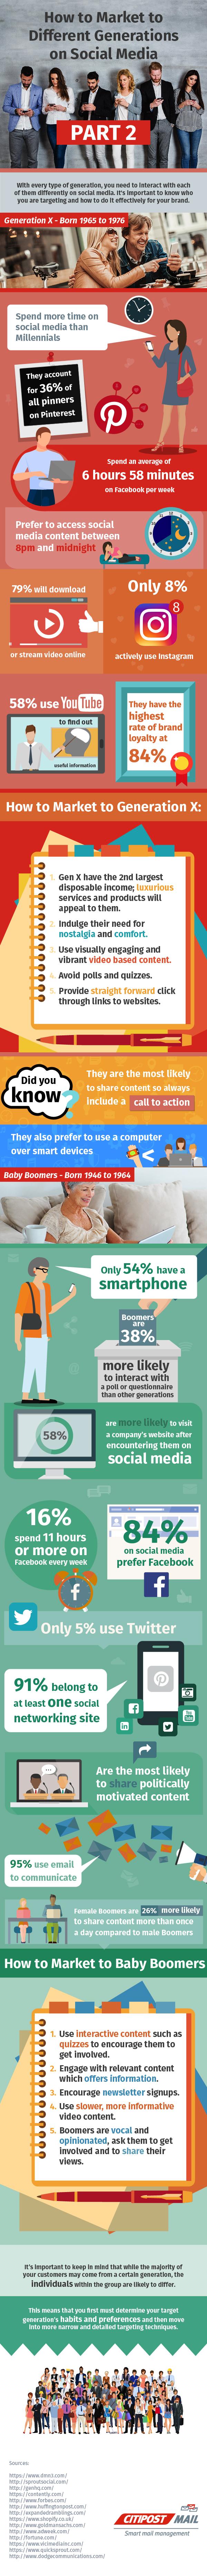 Generación X vs Baby Boomers en Redes Sociales #infografia #infographic #socialmedia